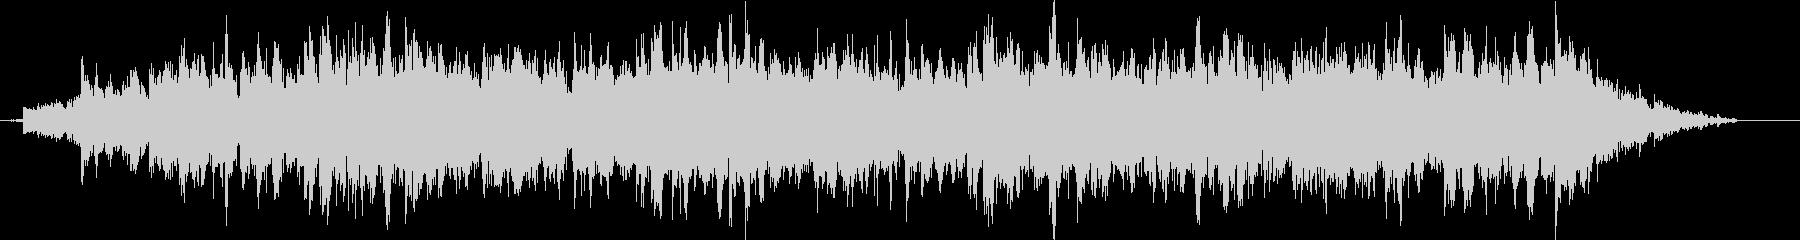 ドローン ハイチャイム02の未再生の波形